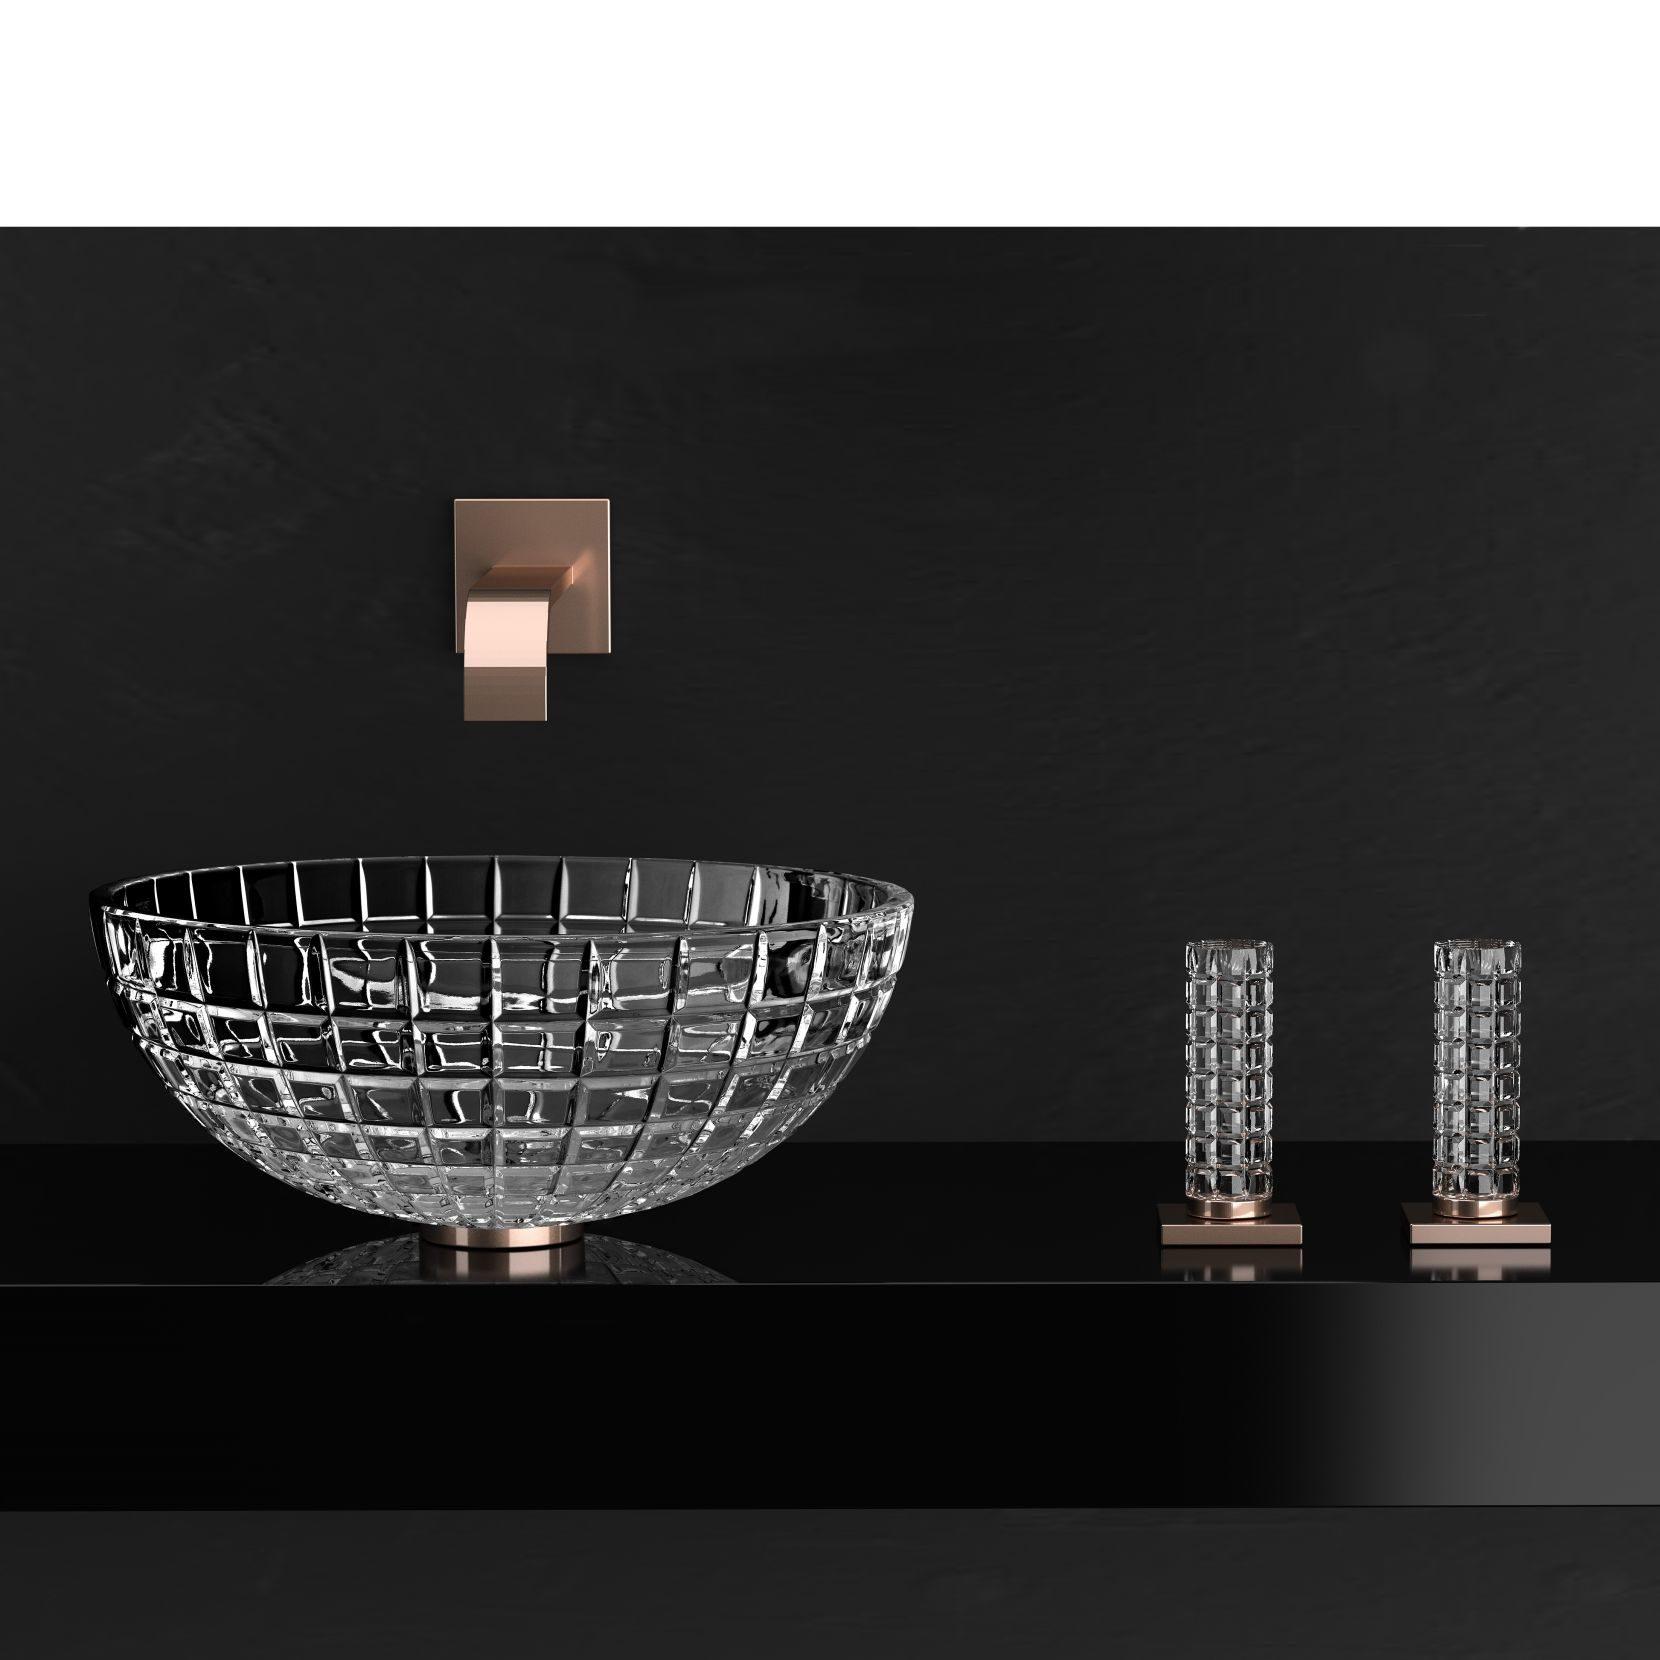 Kryształowa umywalka Luxor Round to najnowsza propozycja marki Glass Design. Średnica 43,5 cm, wysokość 16 cm. www.glassdesign.it